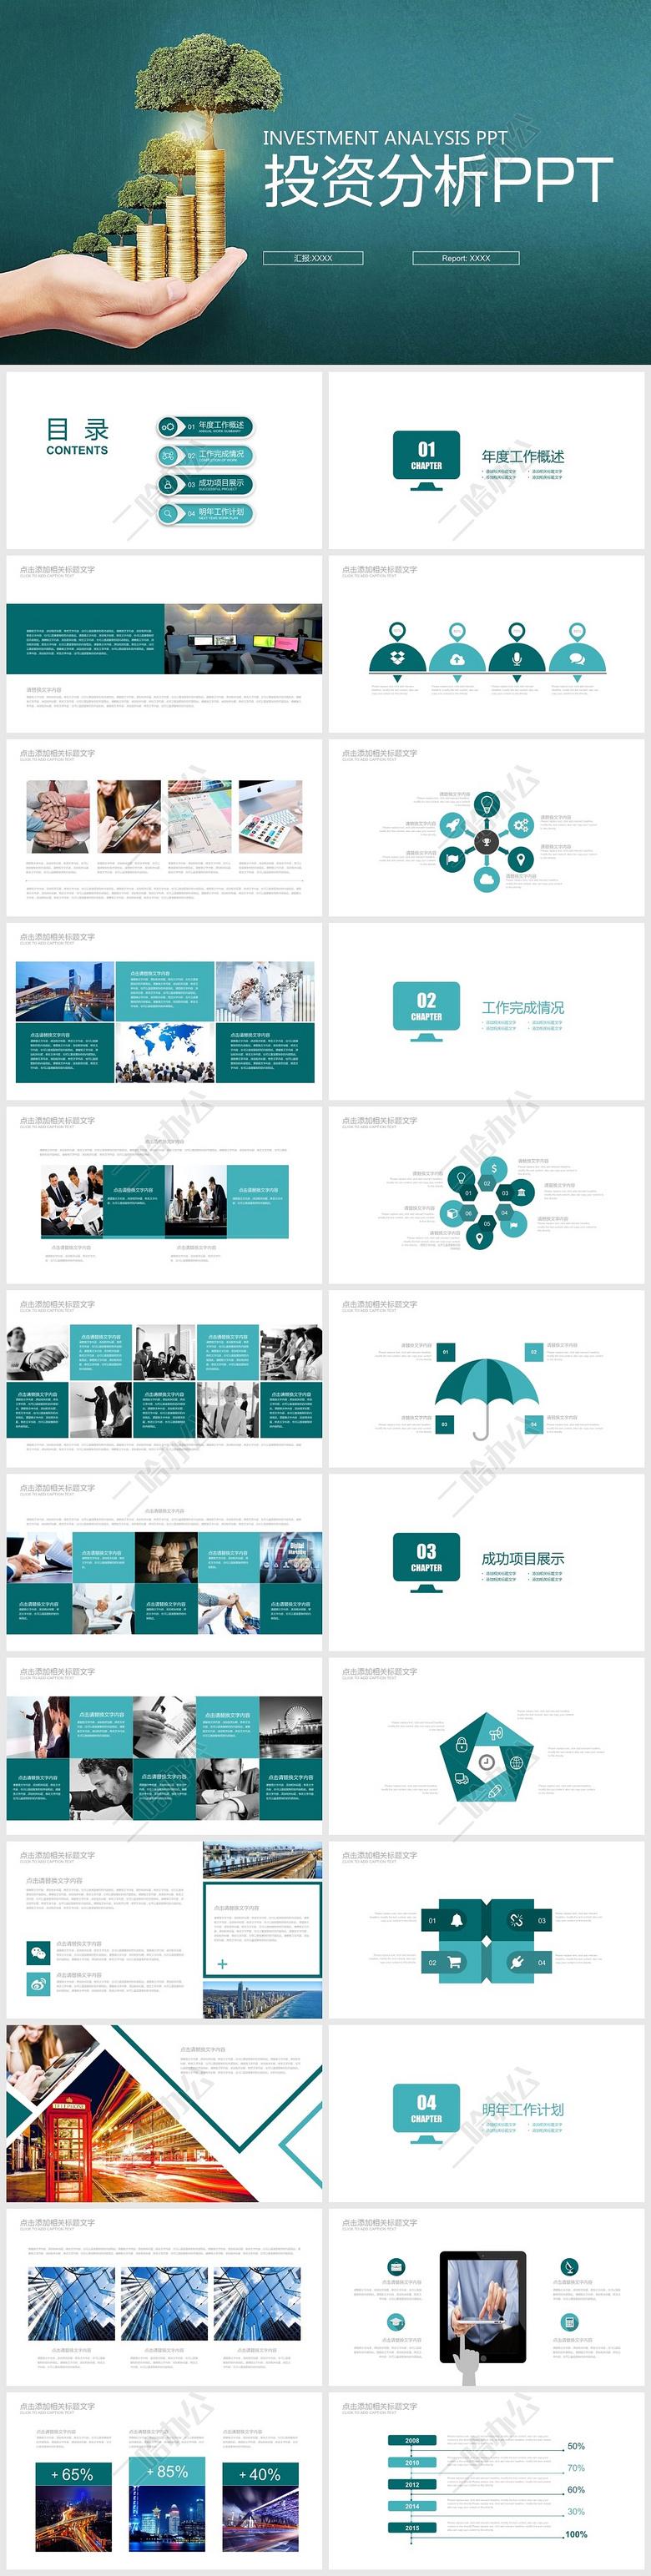 绿色营销案例分析_白绿色投资分析案例分析PPT模板下载-二哈办公